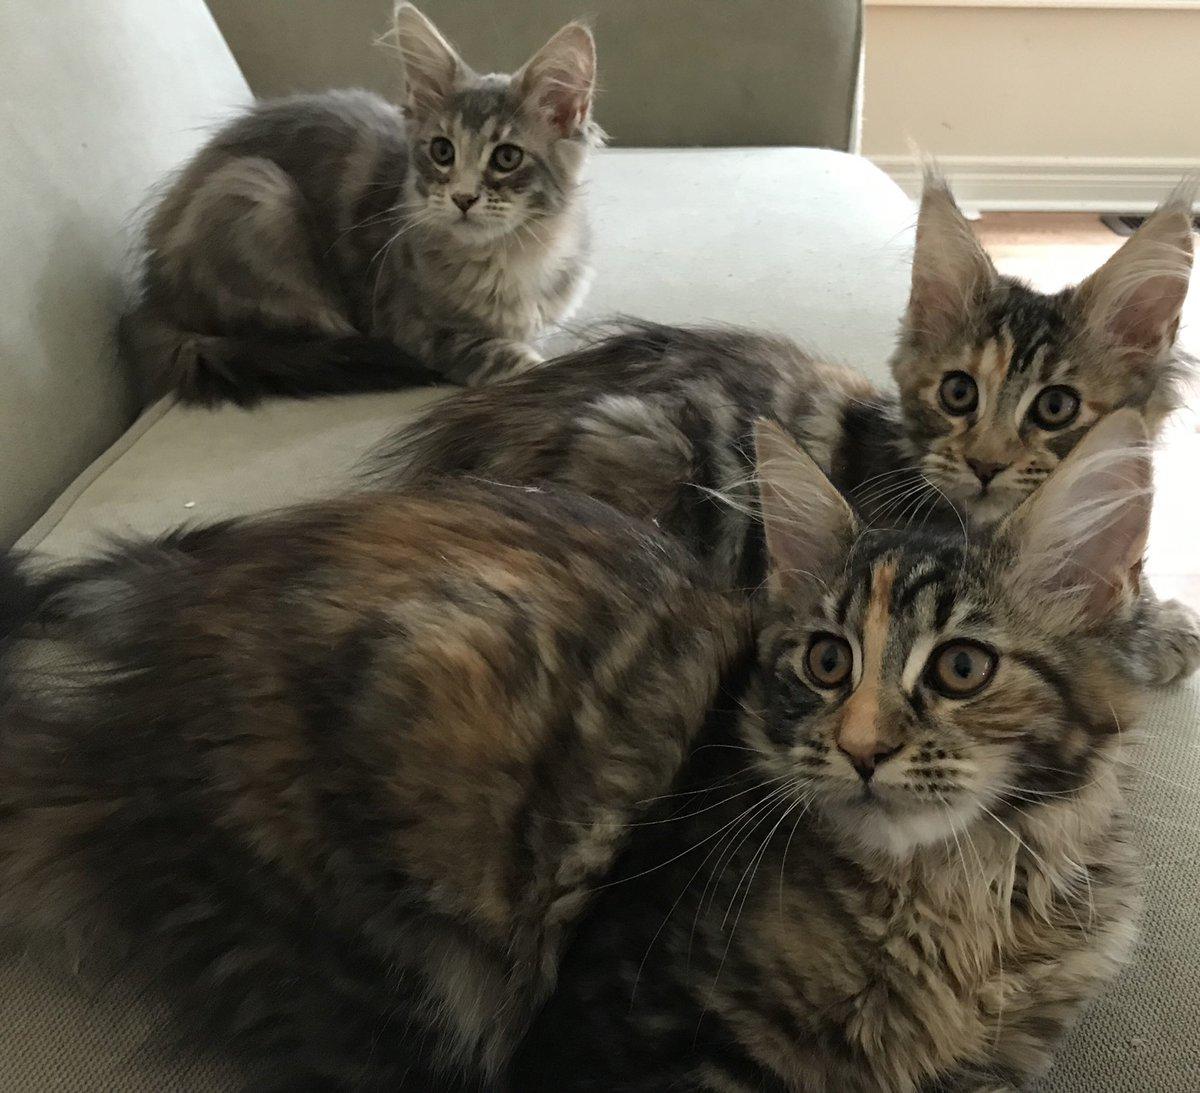 kittensforsale hashtag on Twitter